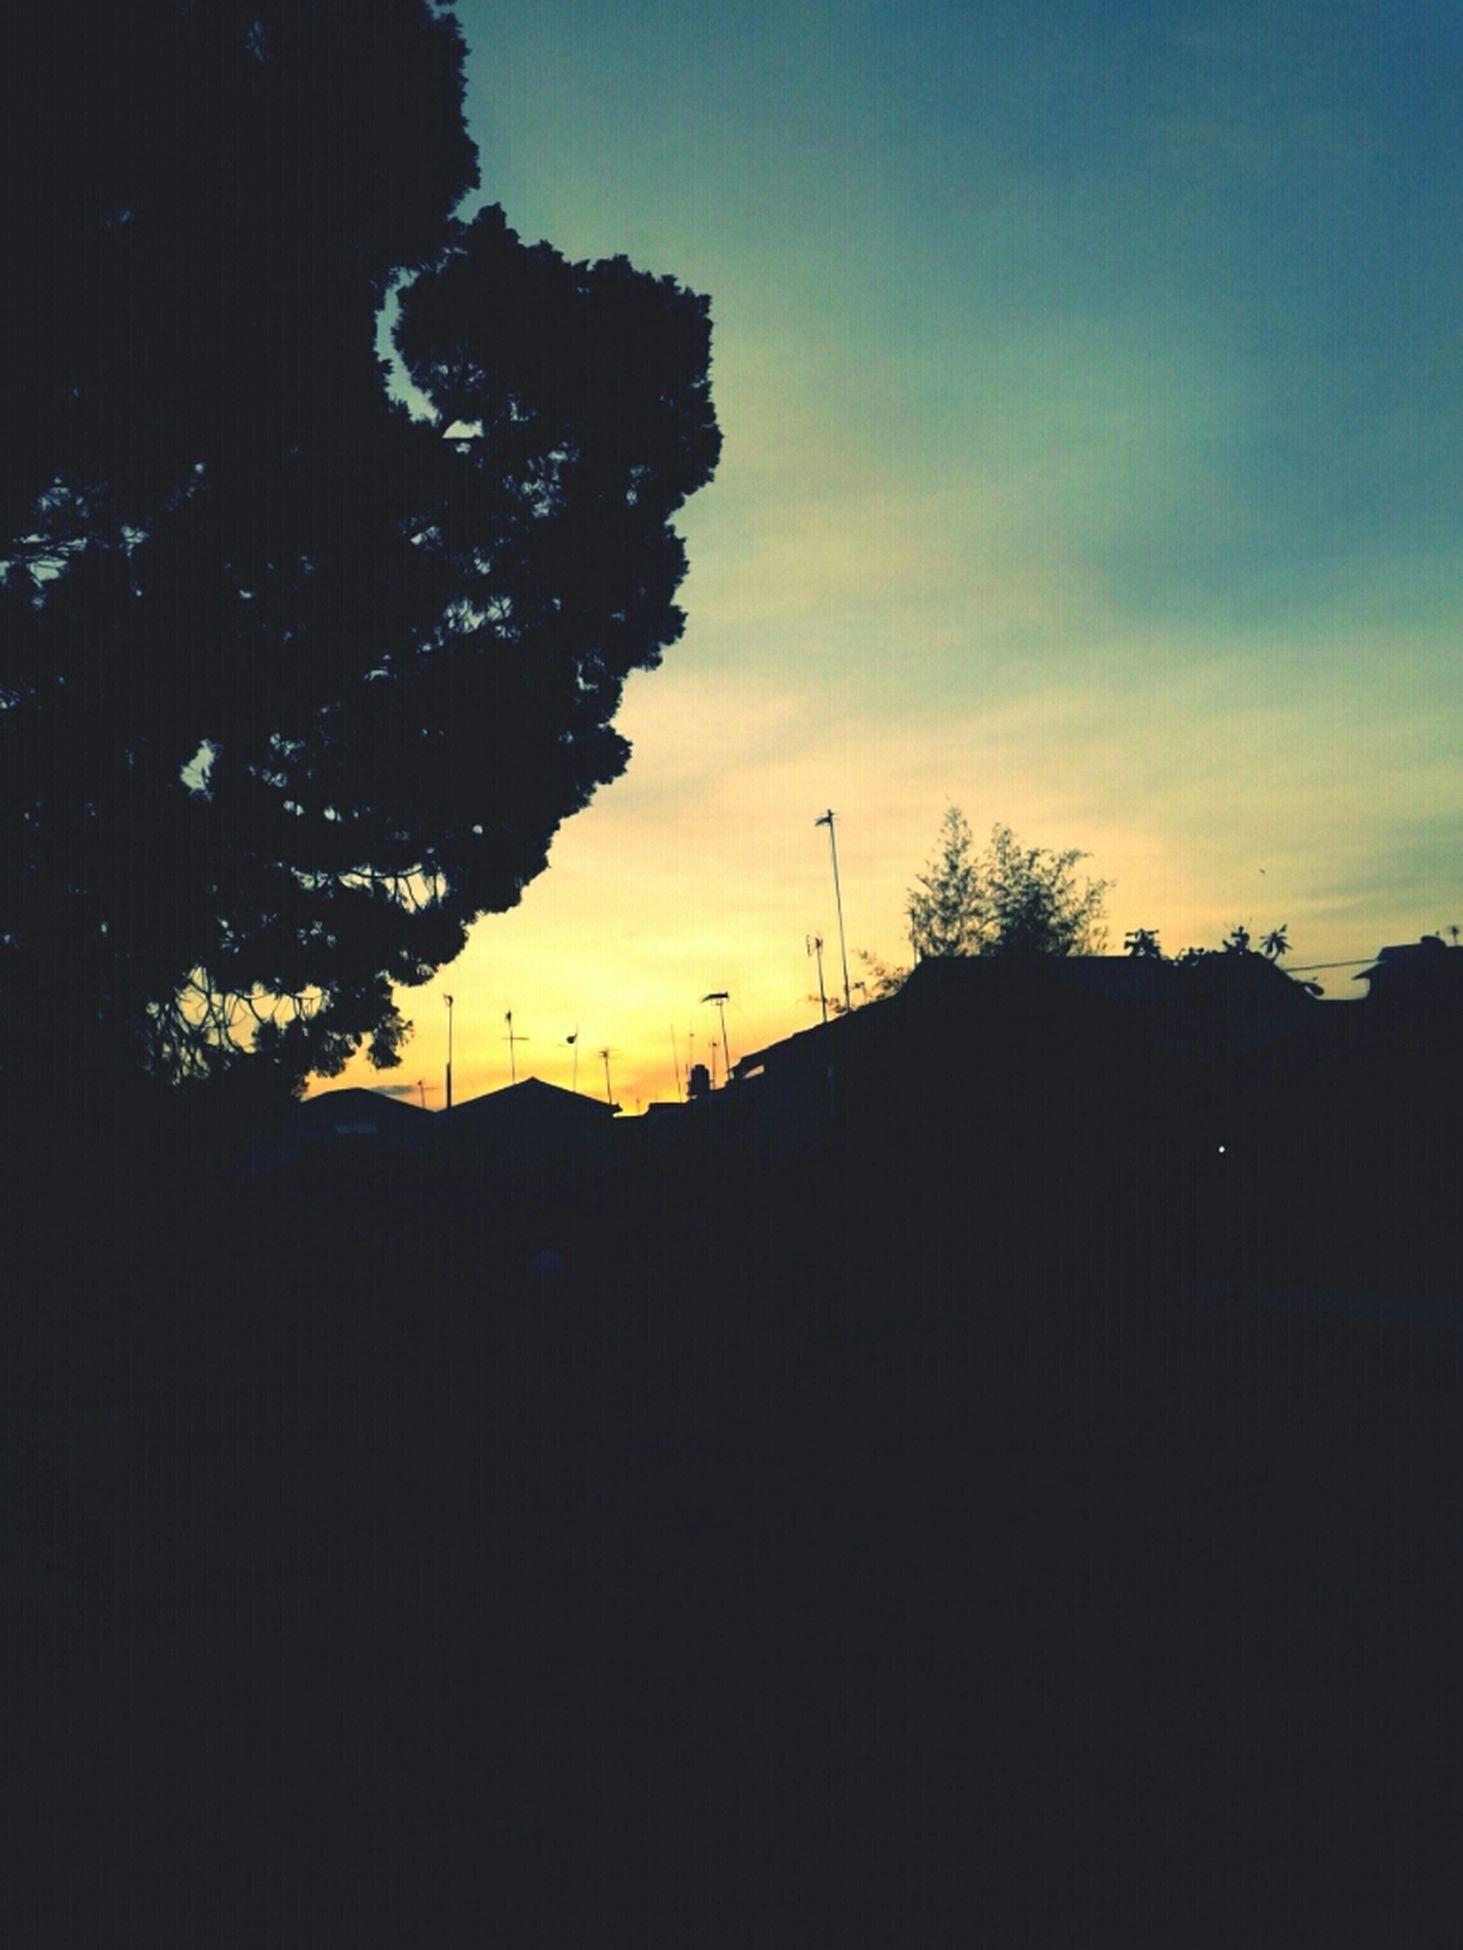 sky, sunset, silhouette, cloudscape, dramatic sky, cloud, cloudy, cloud - sky, outdoors, moody sky, sun, atmospheric mood, storm cloud, orange color, dusk, atmosphere, atmospheric mood, majestic, tranquility, tranquil scene